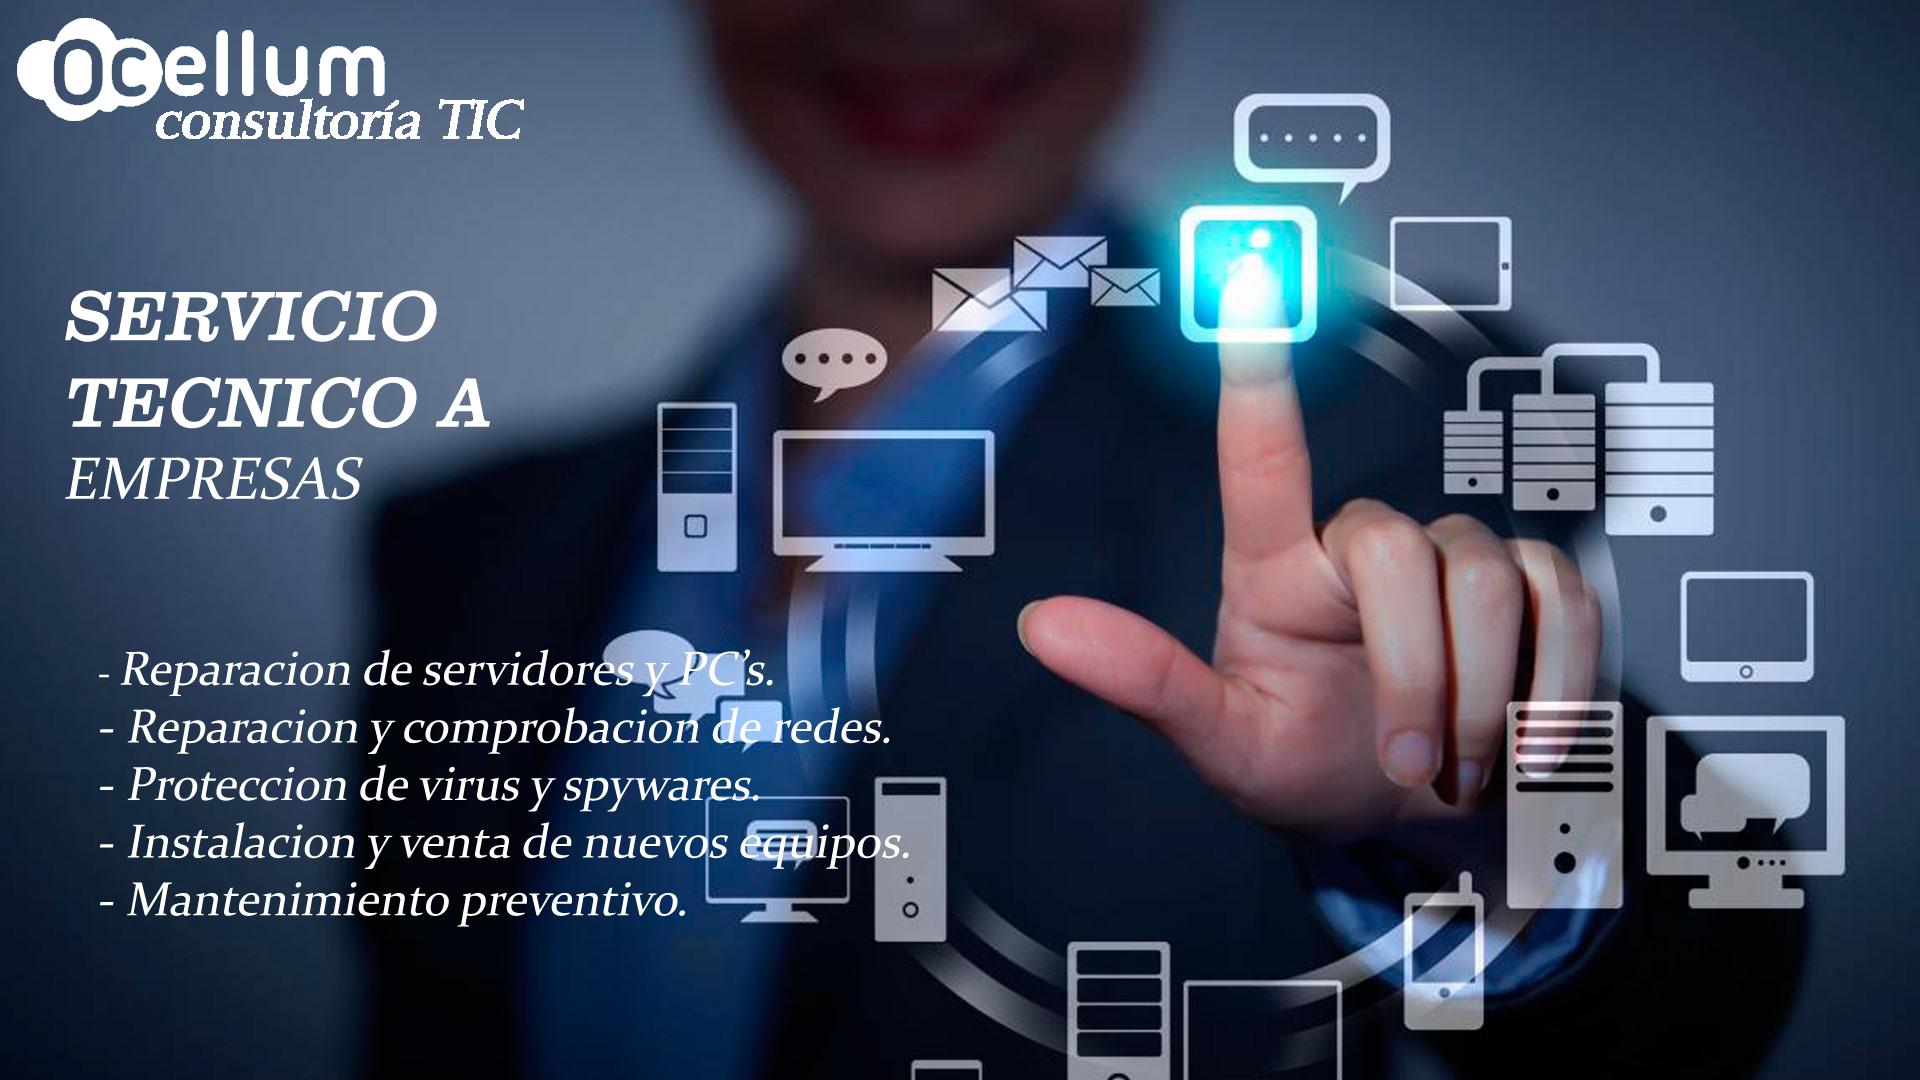 servicio de atencion tecnica a empresas